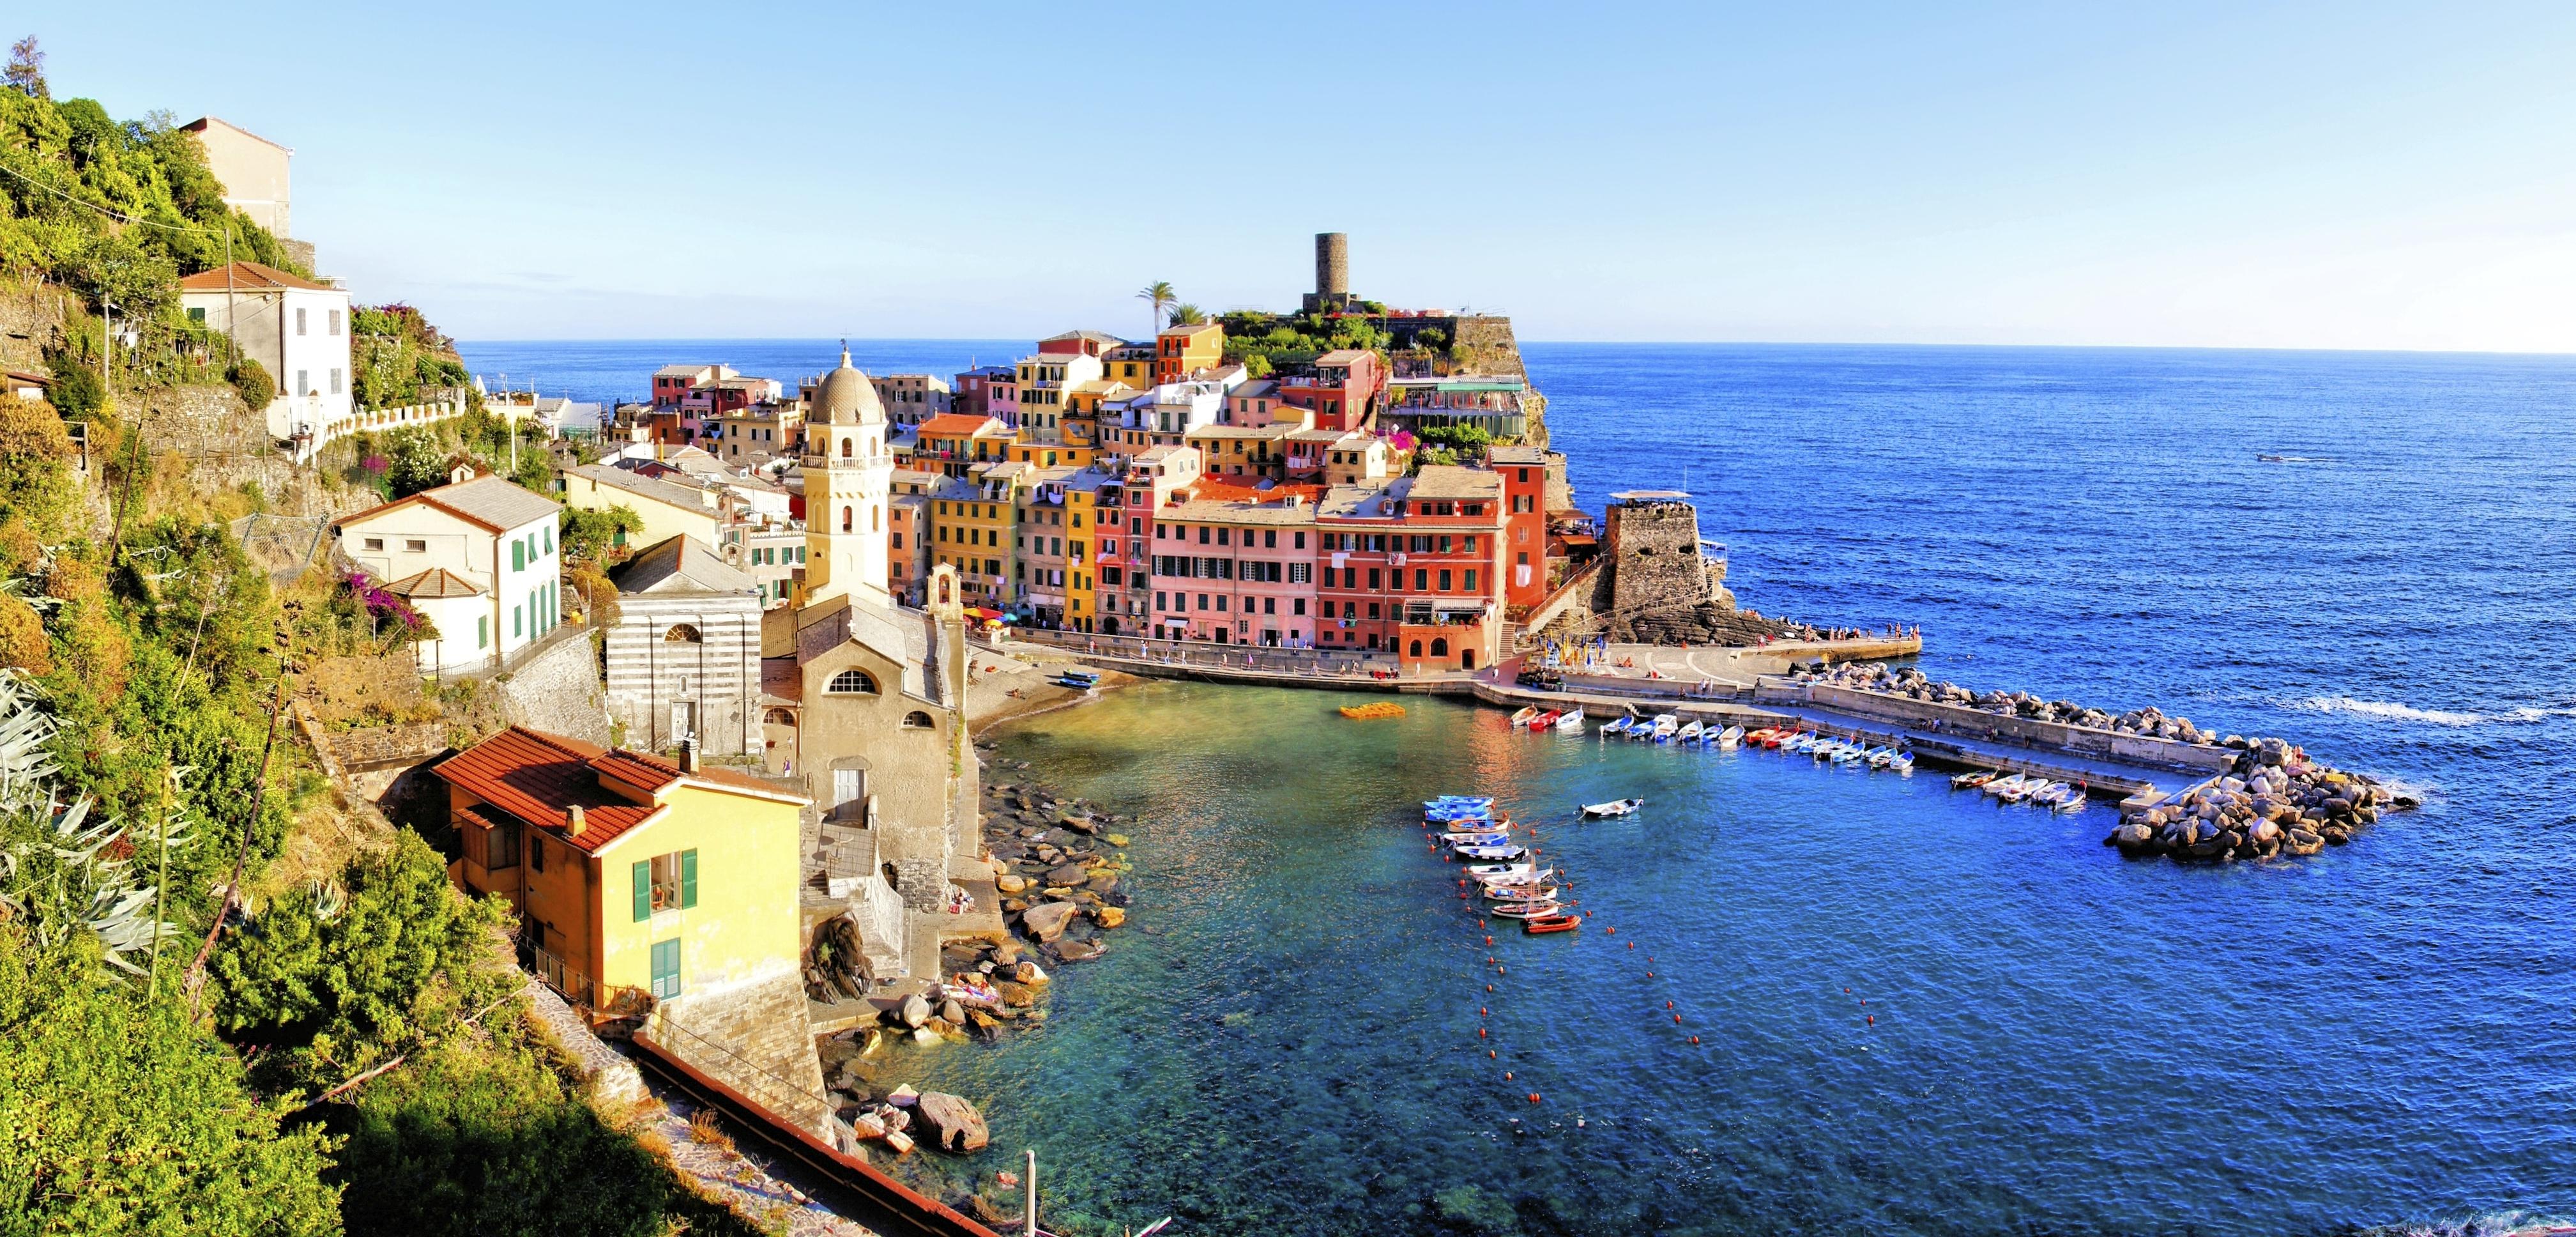 1e2d289b5 Dovolená Itálie! 10 tipů na nejlepší místa 🍕 | Skyscanner Česko